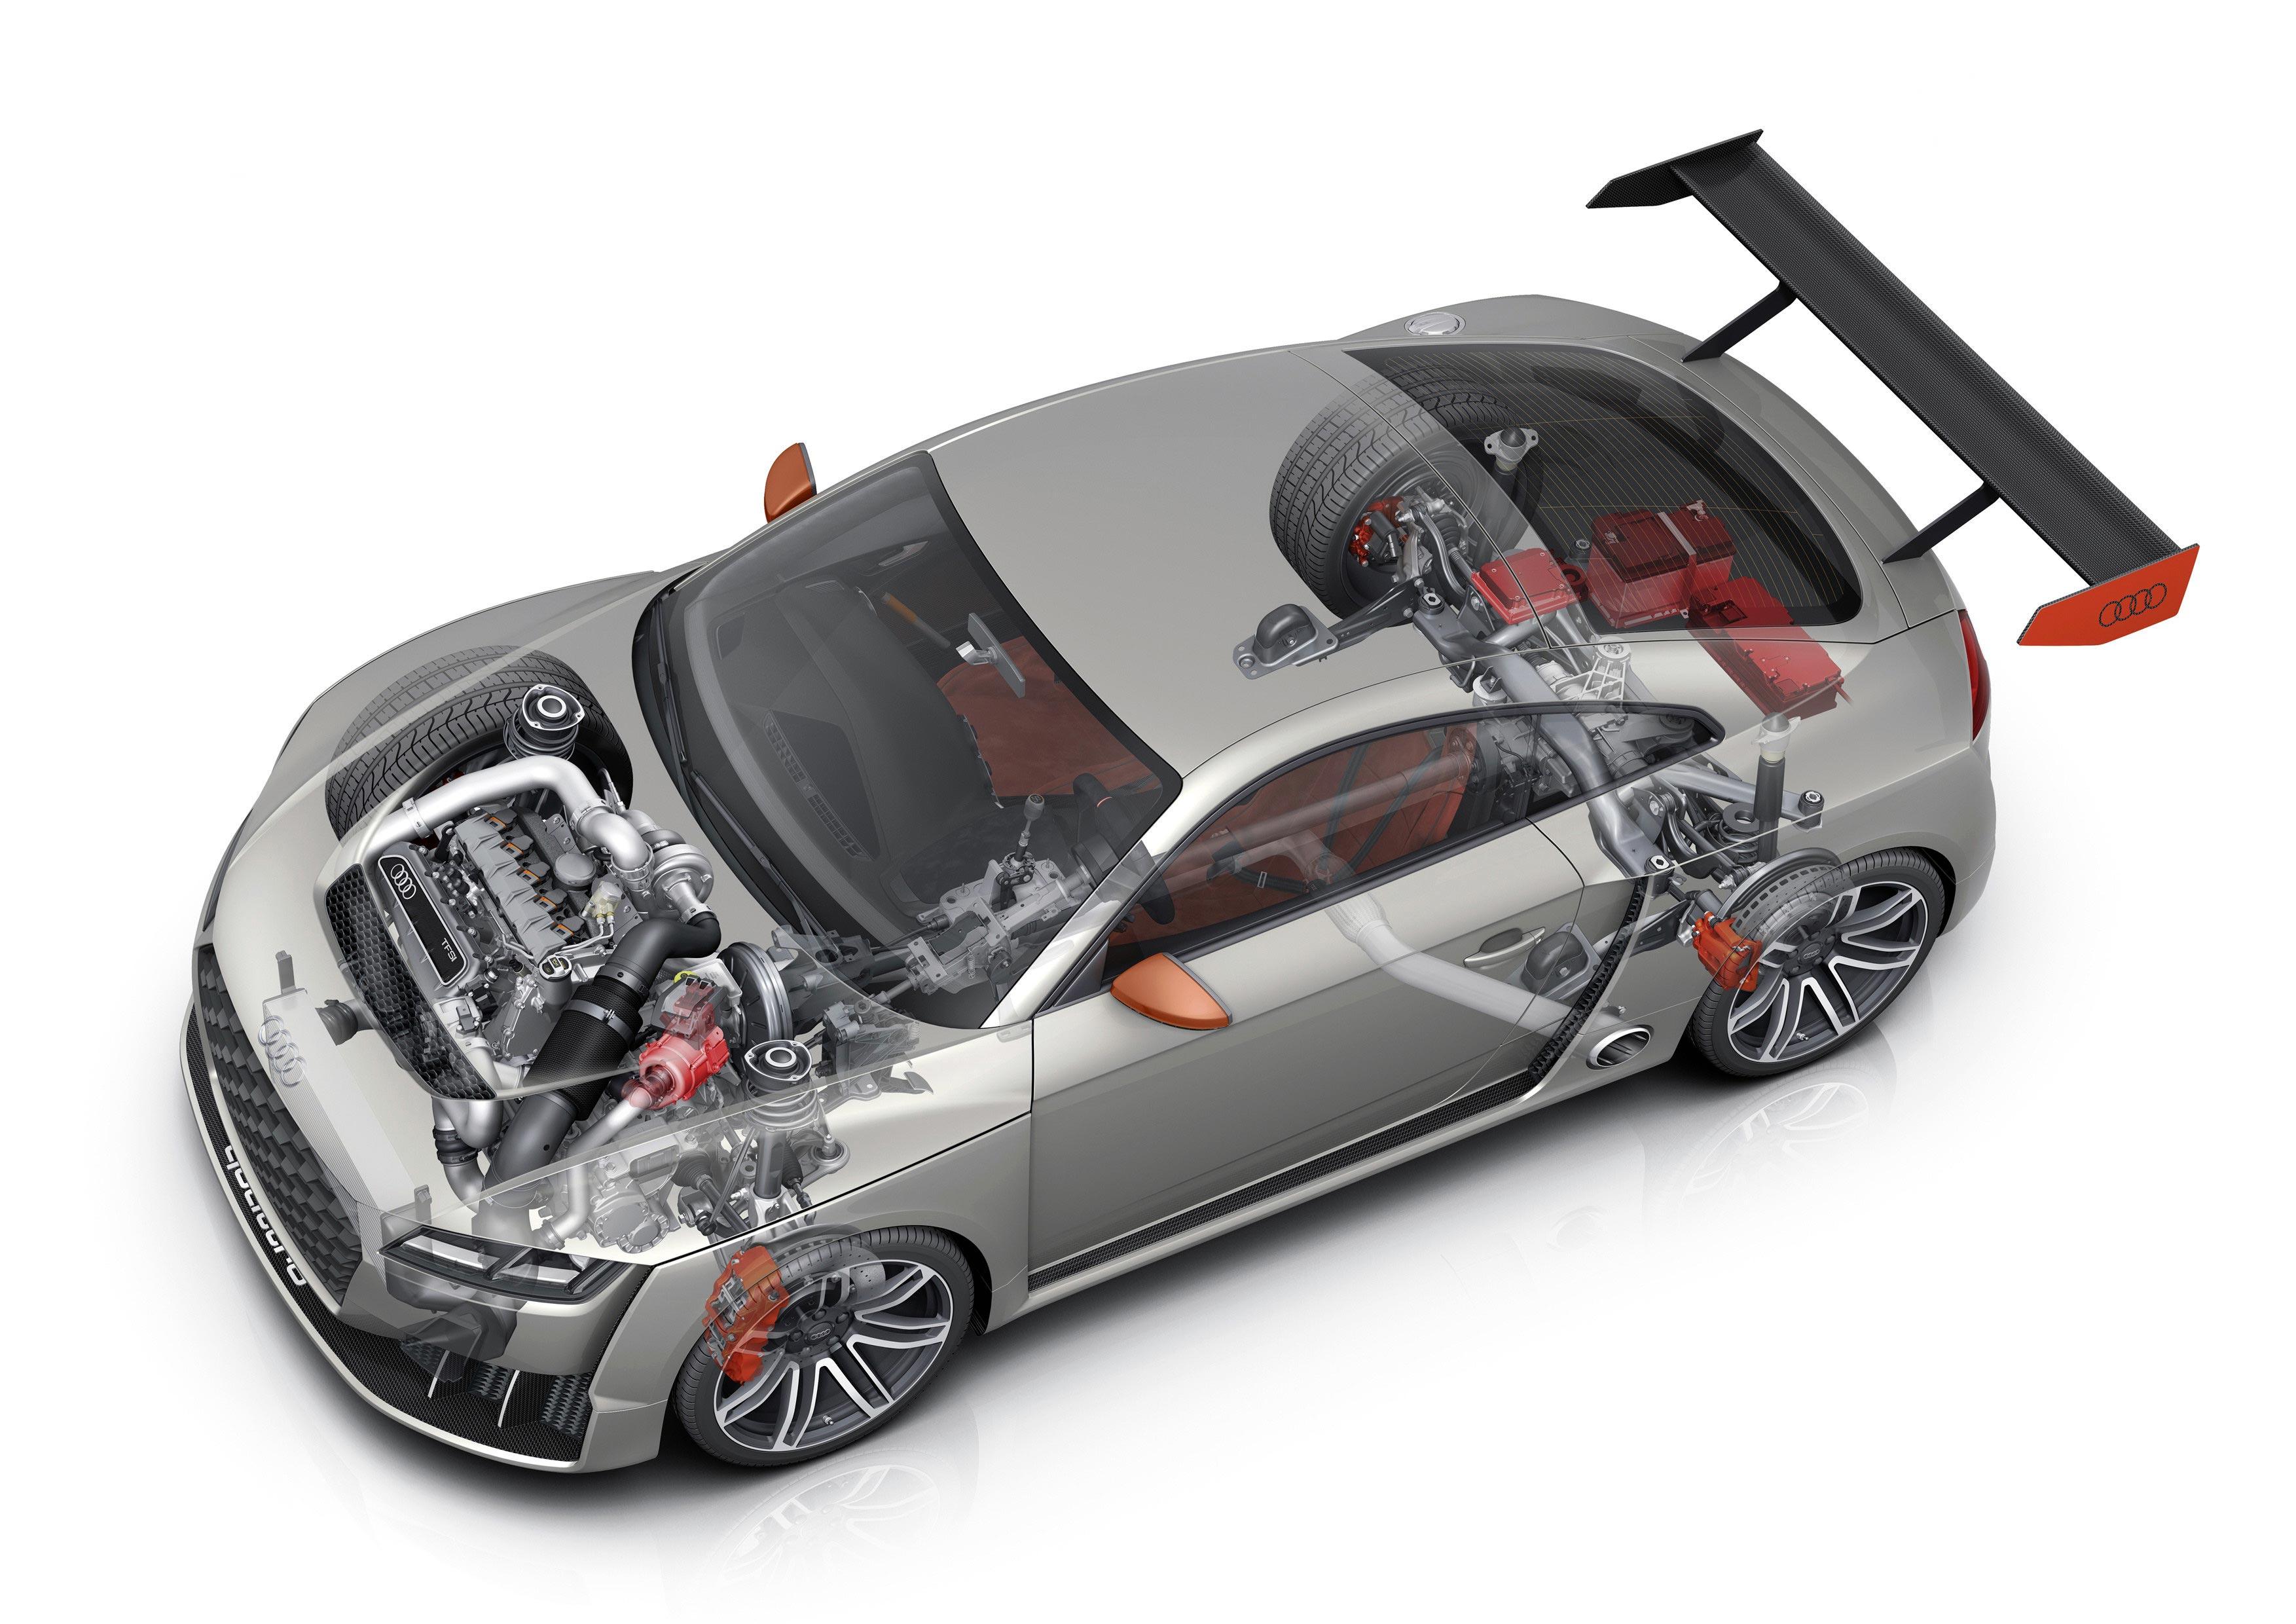 Audi TT clubsport turbo concept cutaway drawing